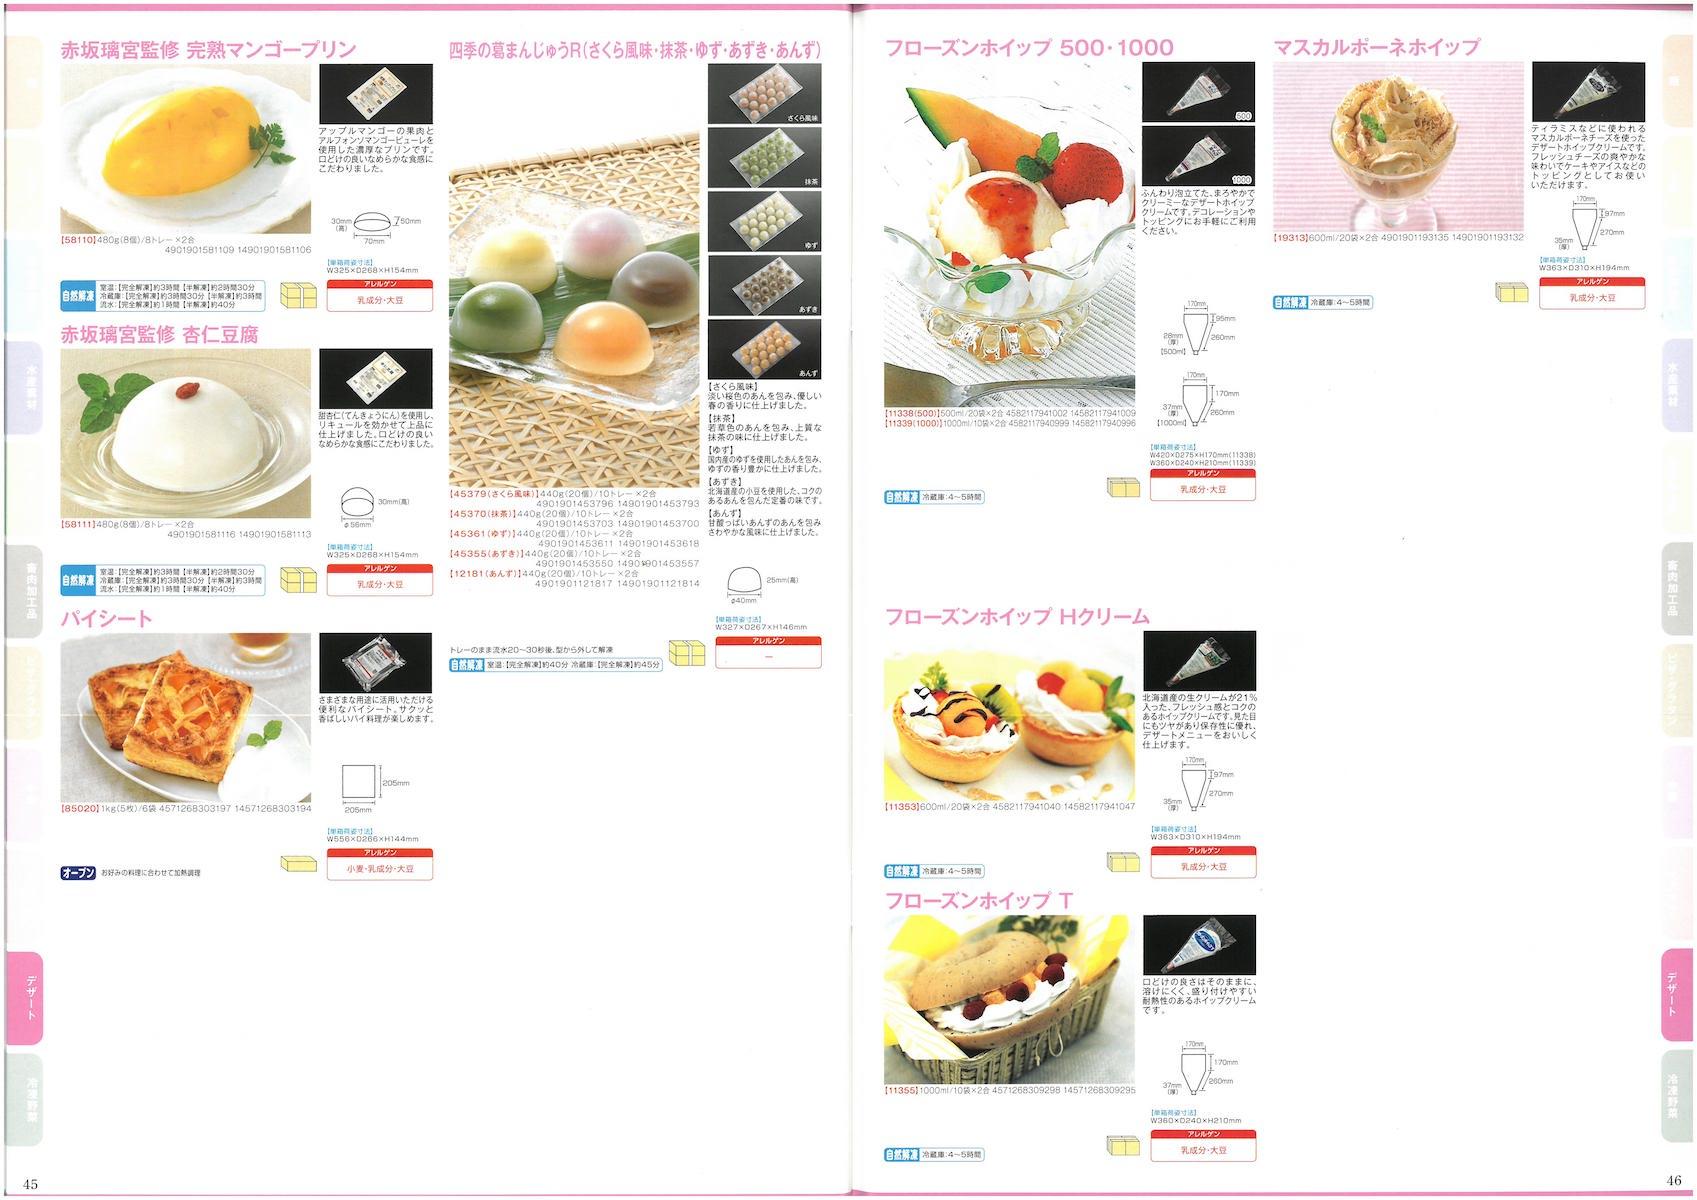 マルハニチロ 2019 業務用商品カタログ 総合 product catalog for professional use maruha nichiro